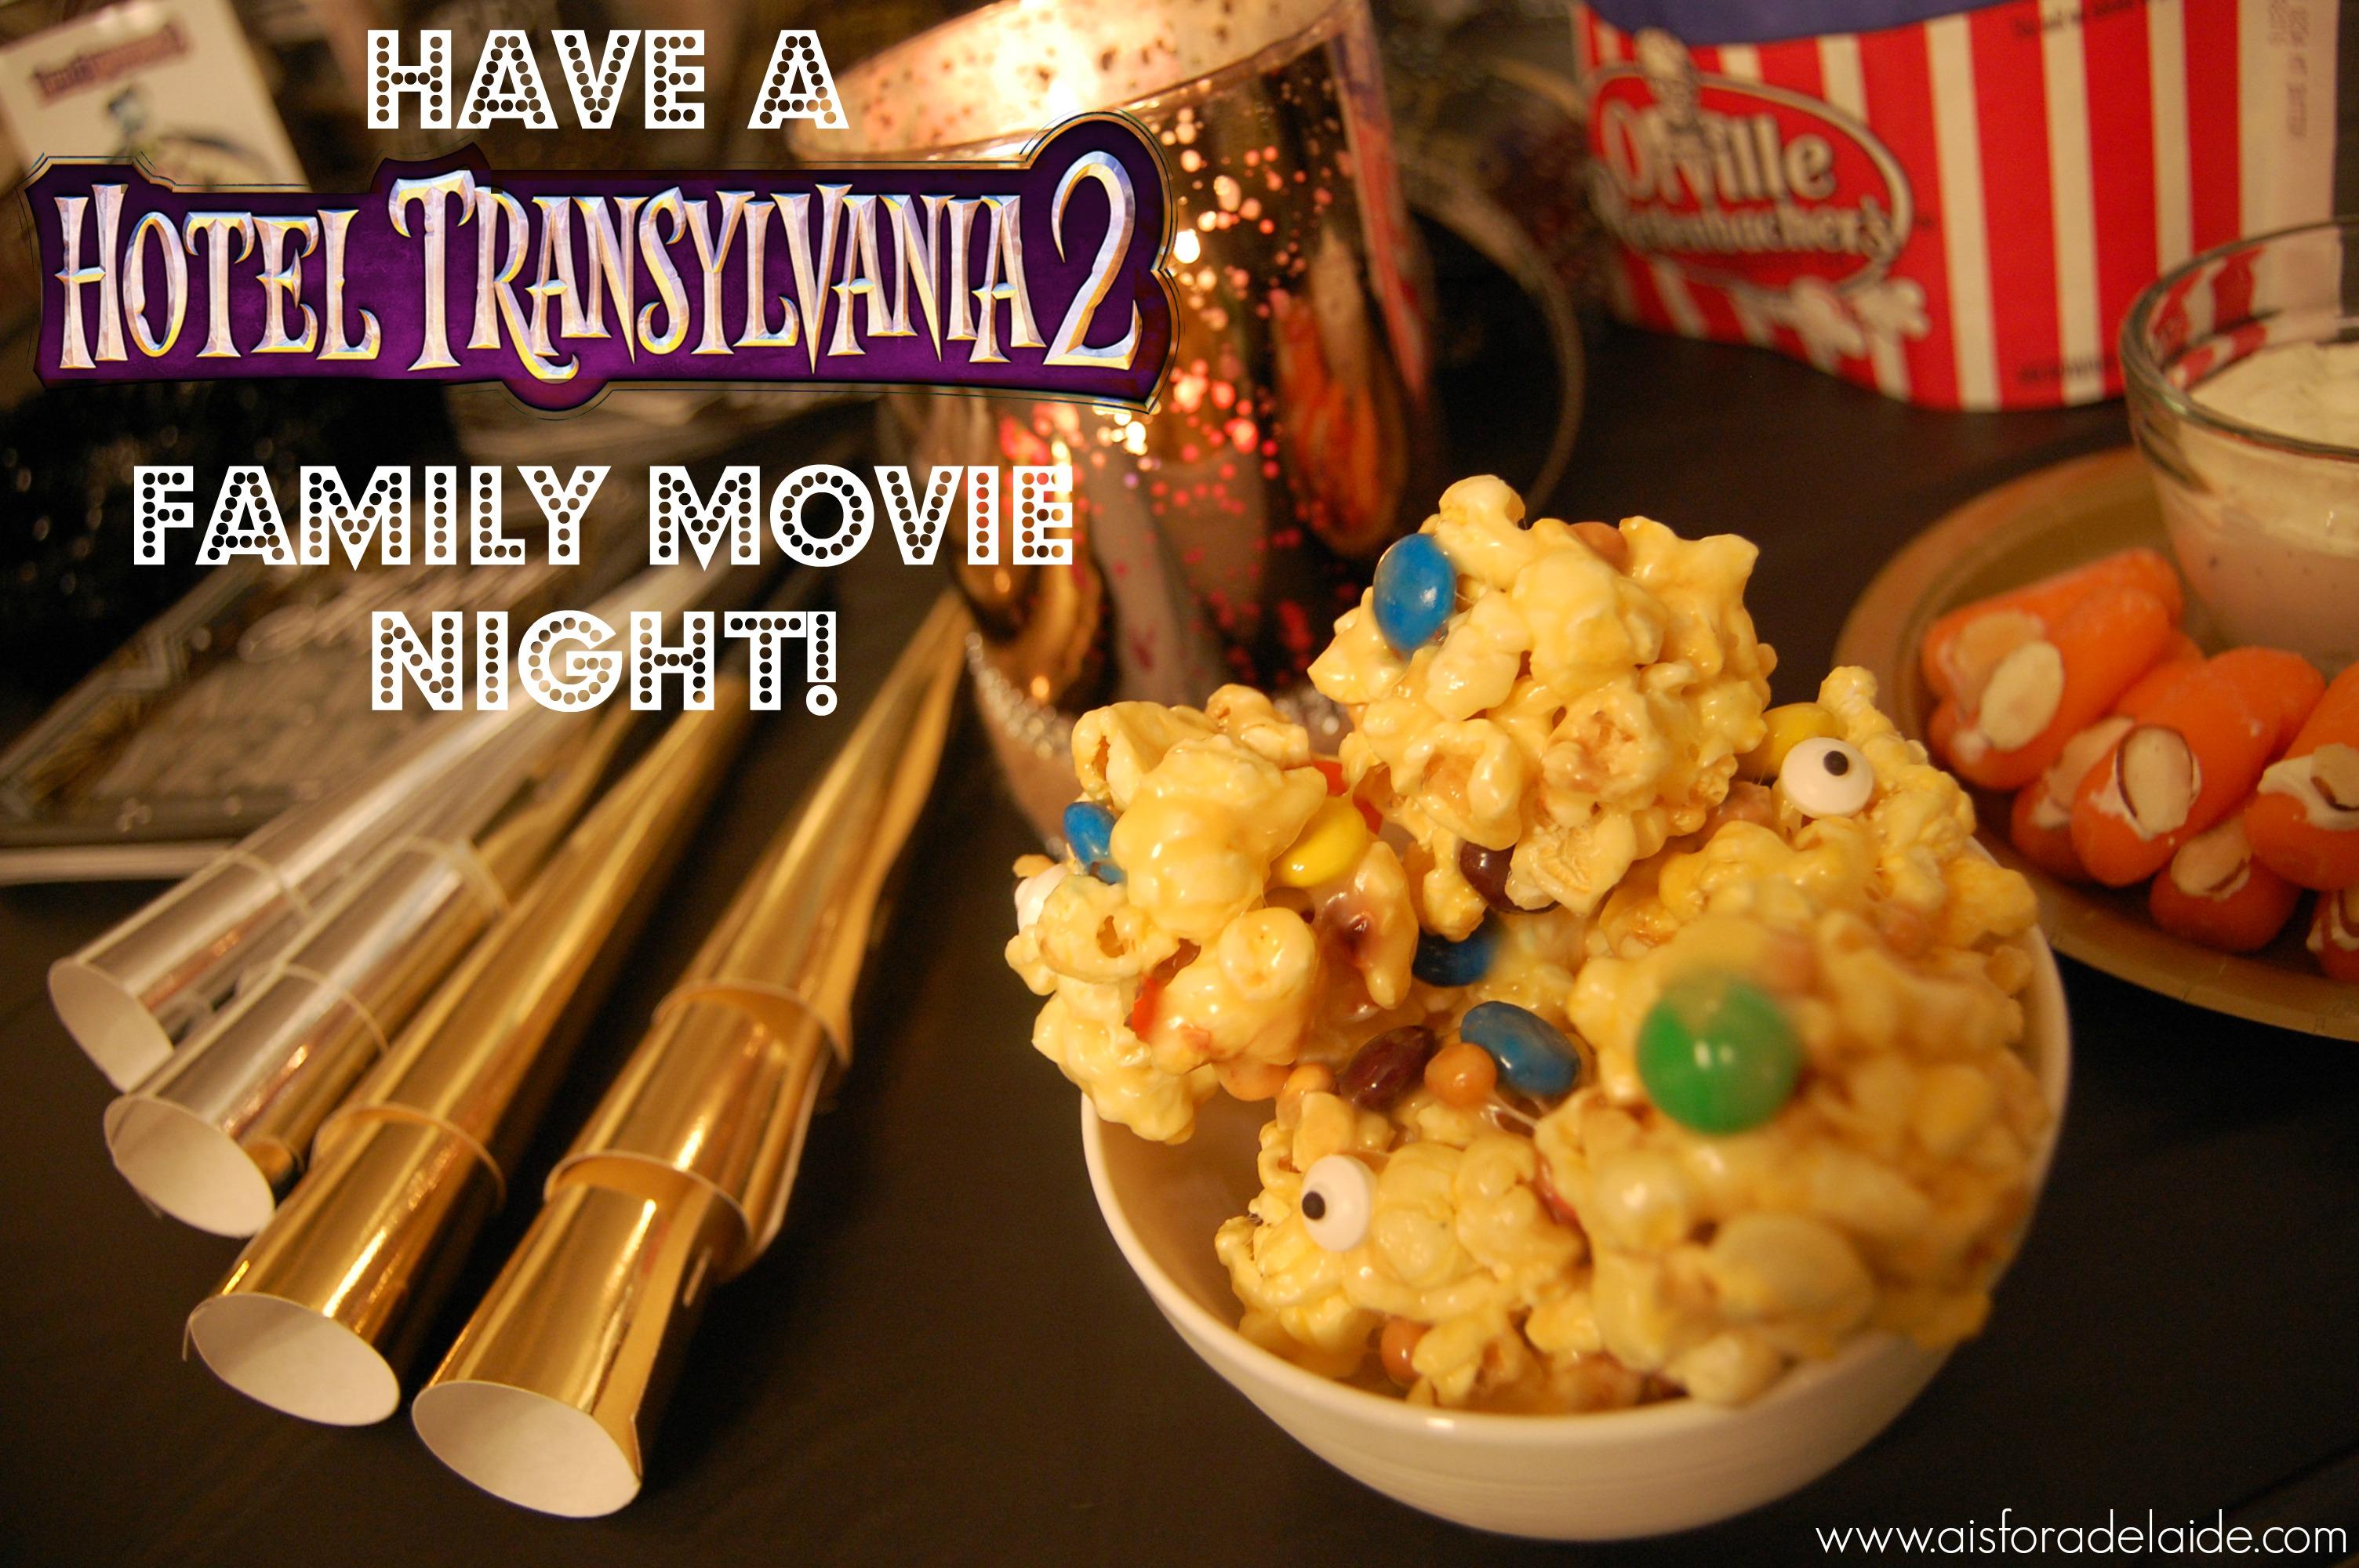 Popcorn (eye) Balls to #MakeItAMovieNight + Hotel Transylvania